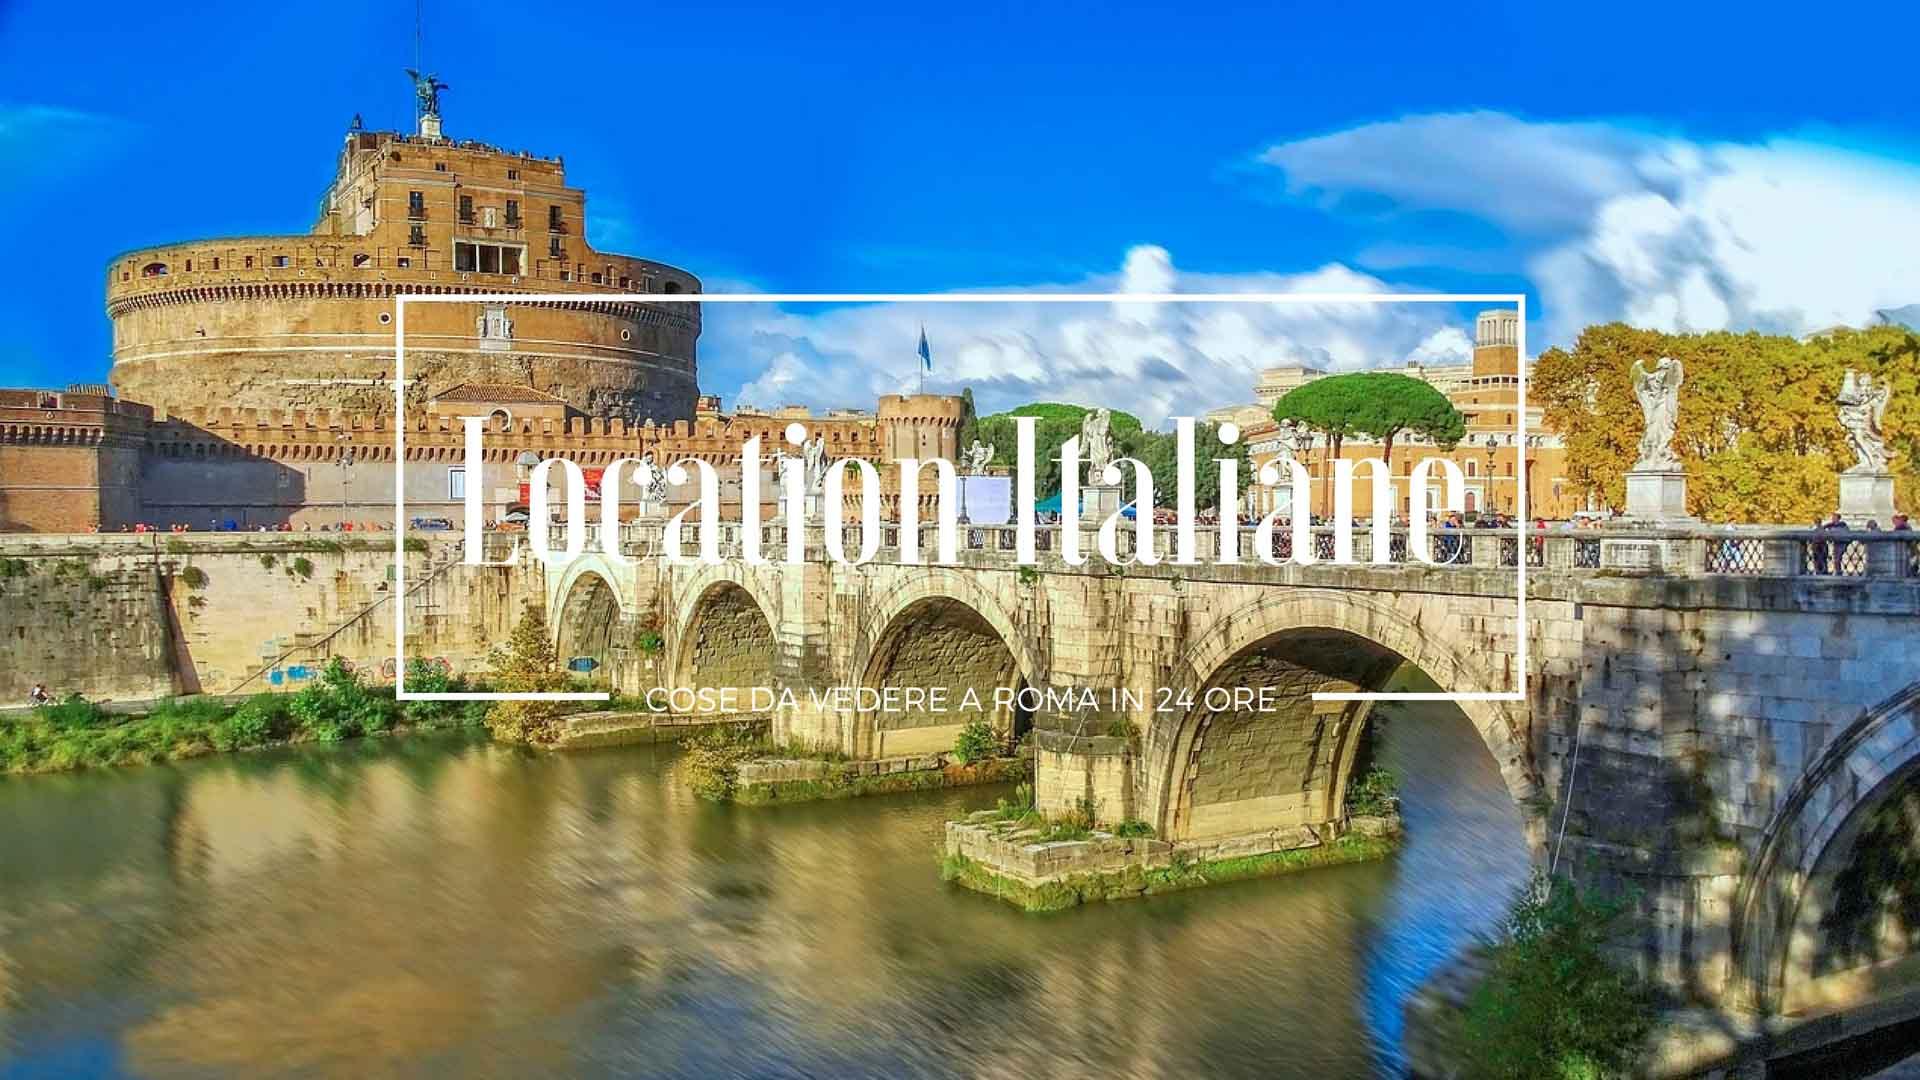 cose da vedere a Roma in 24 ore